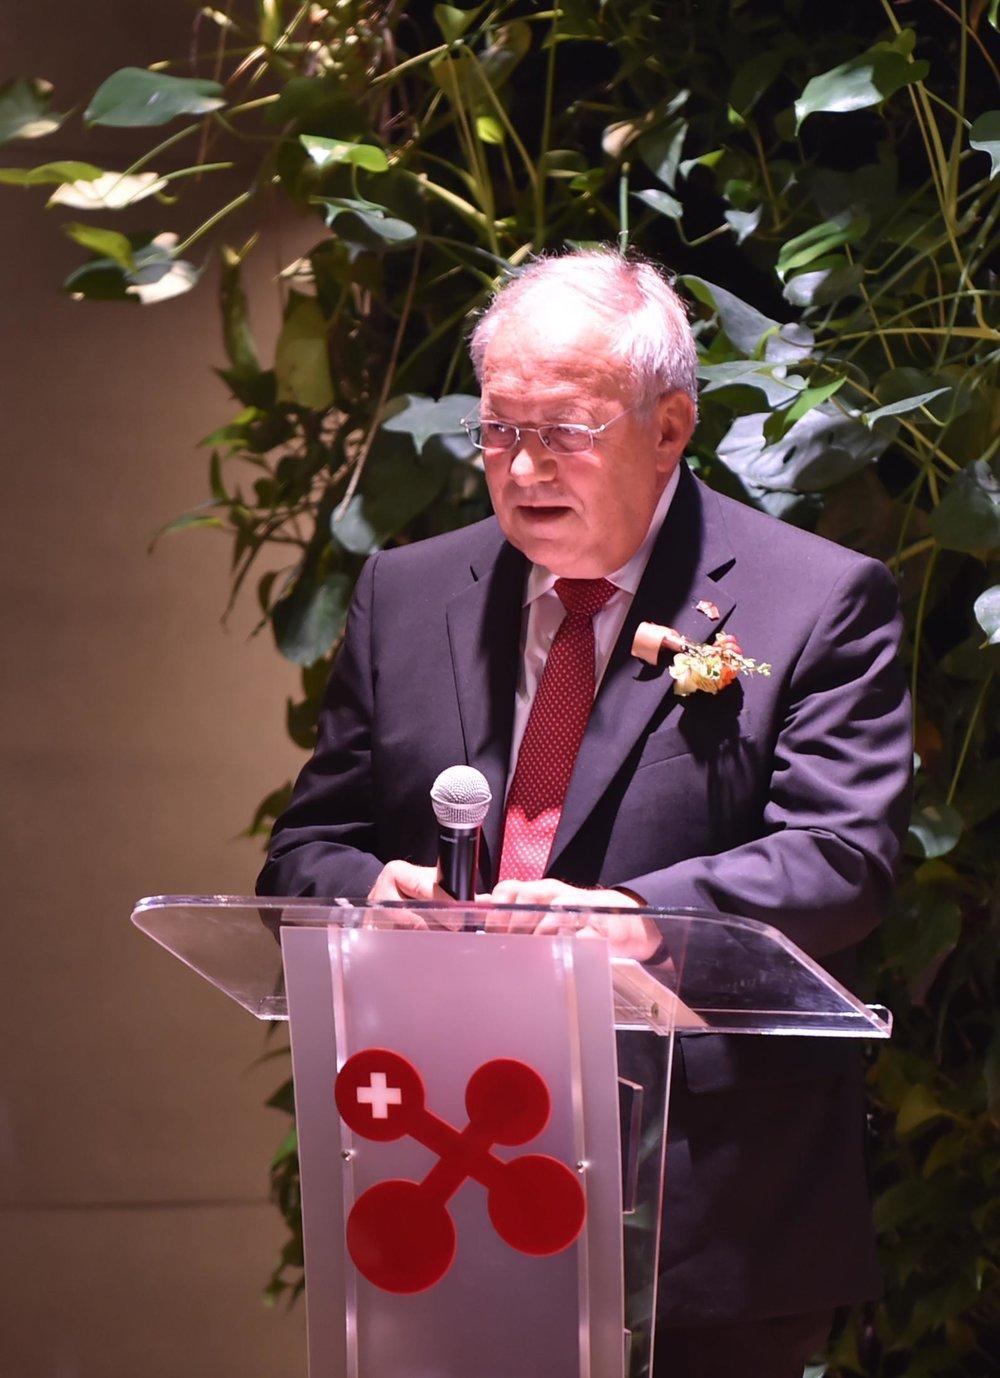 Swiss Federal Councillor Johann Schneider-Ammann gave the opening speech